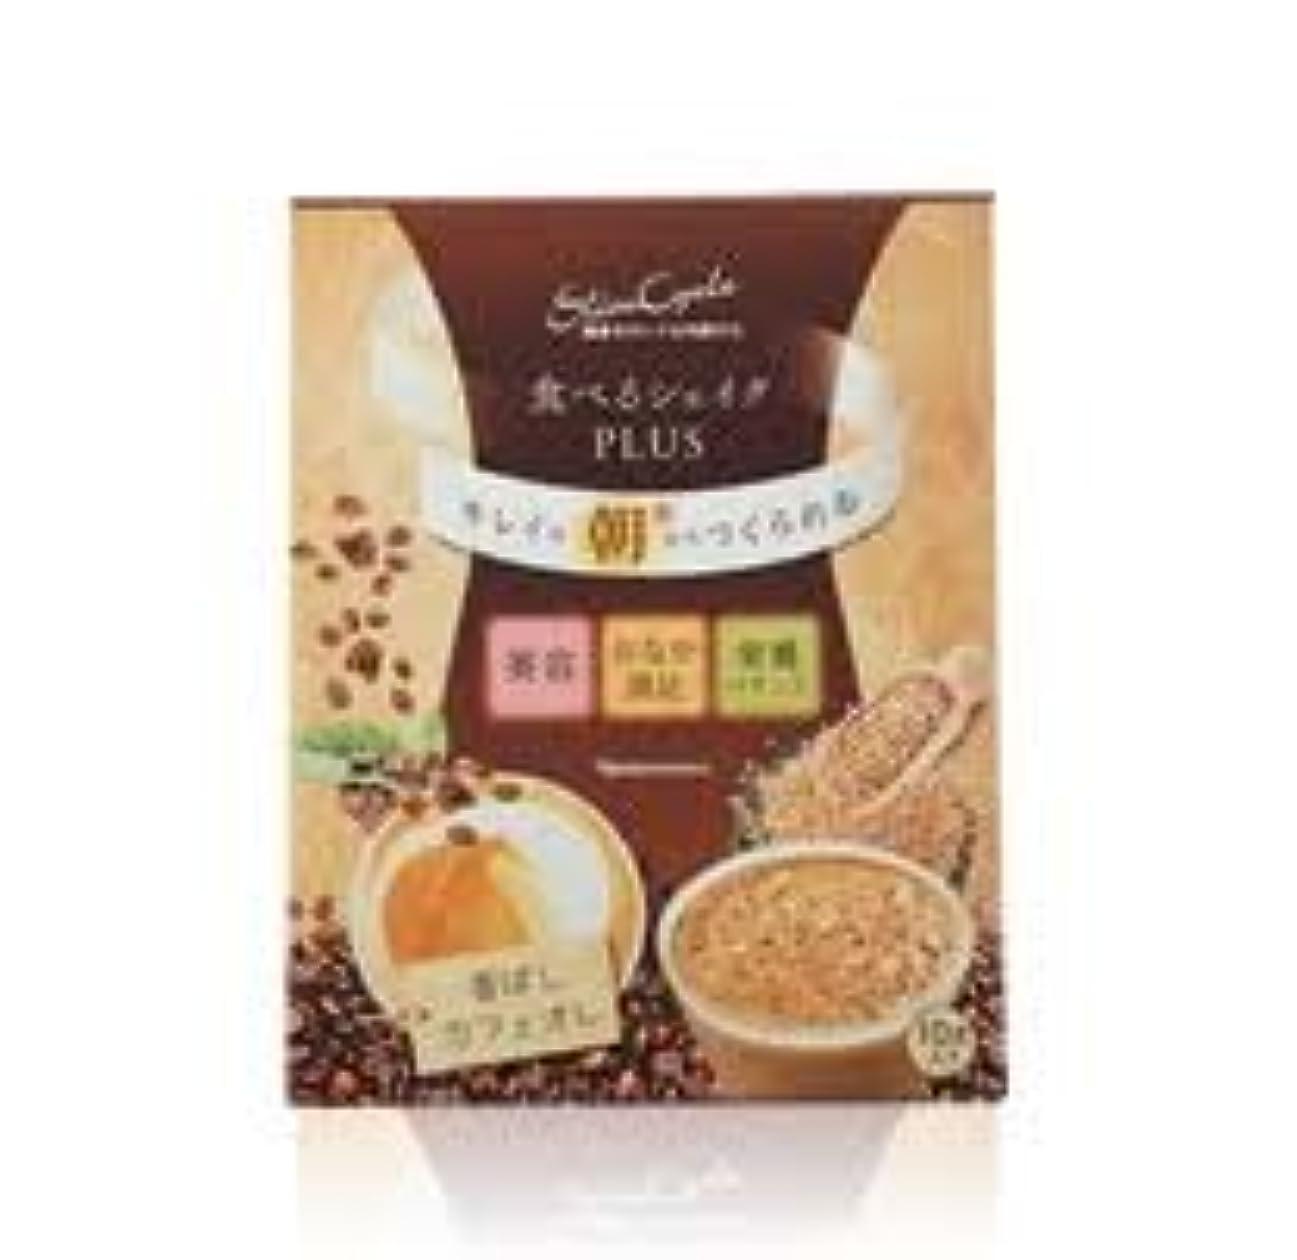 ナリス 食べるシェイクPLUS 香ばしいカフェオレ